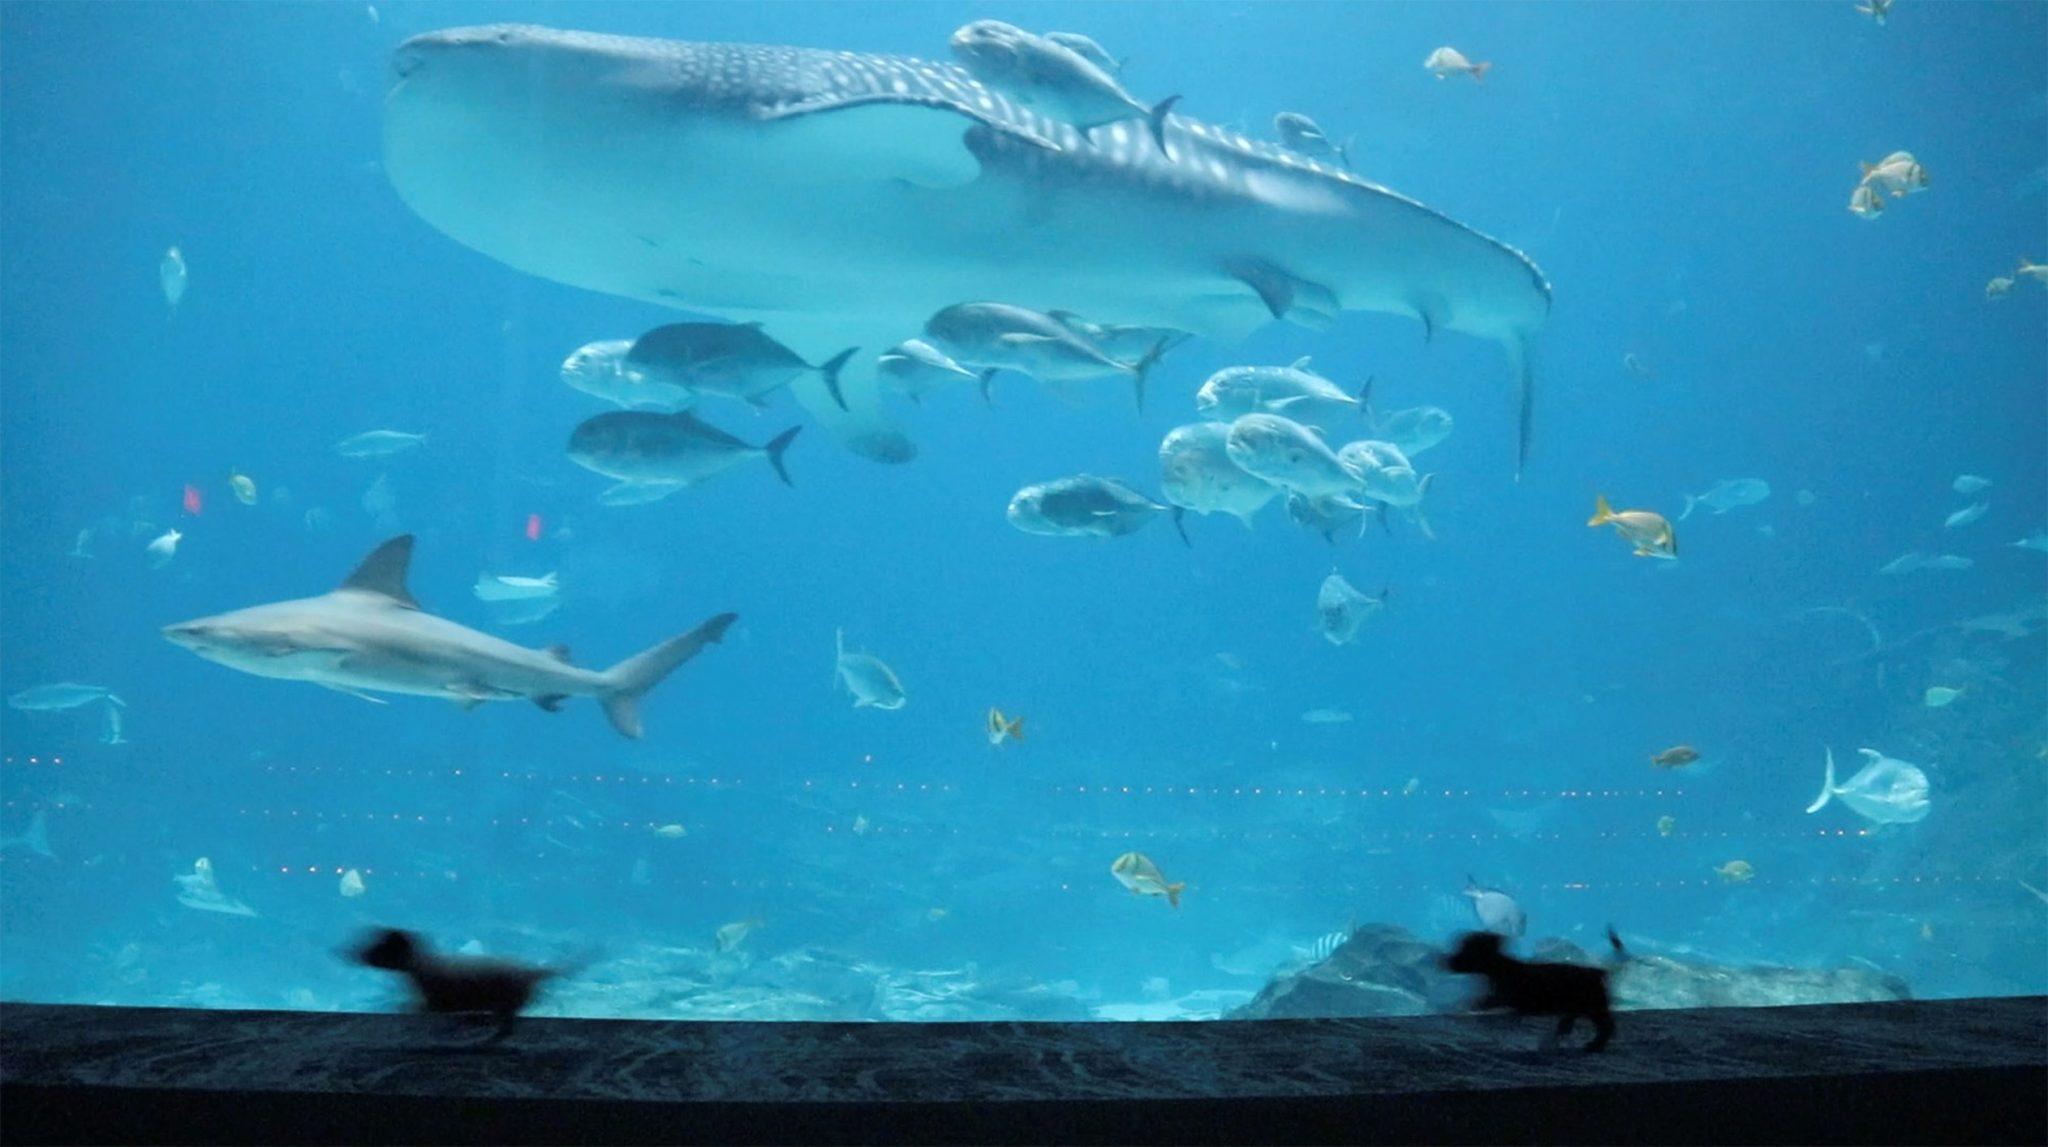 vídeo filhotes explorando aquário fechado para humanos